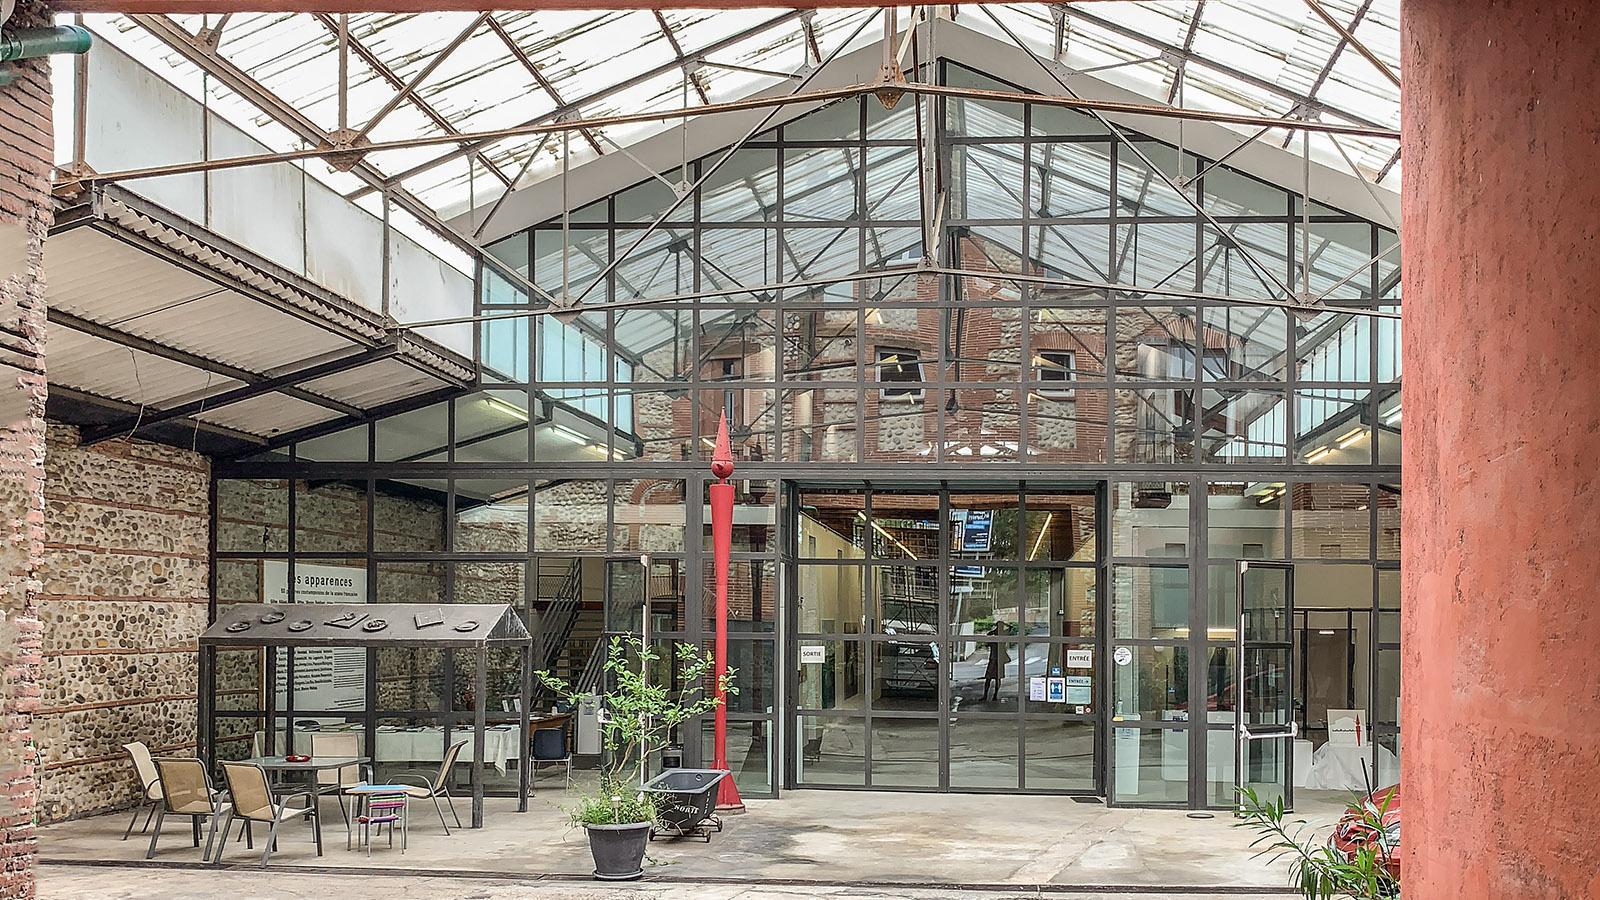 Die Ausstellungshalle in Bahnhofsnähe. Foto: Hilke Maunder